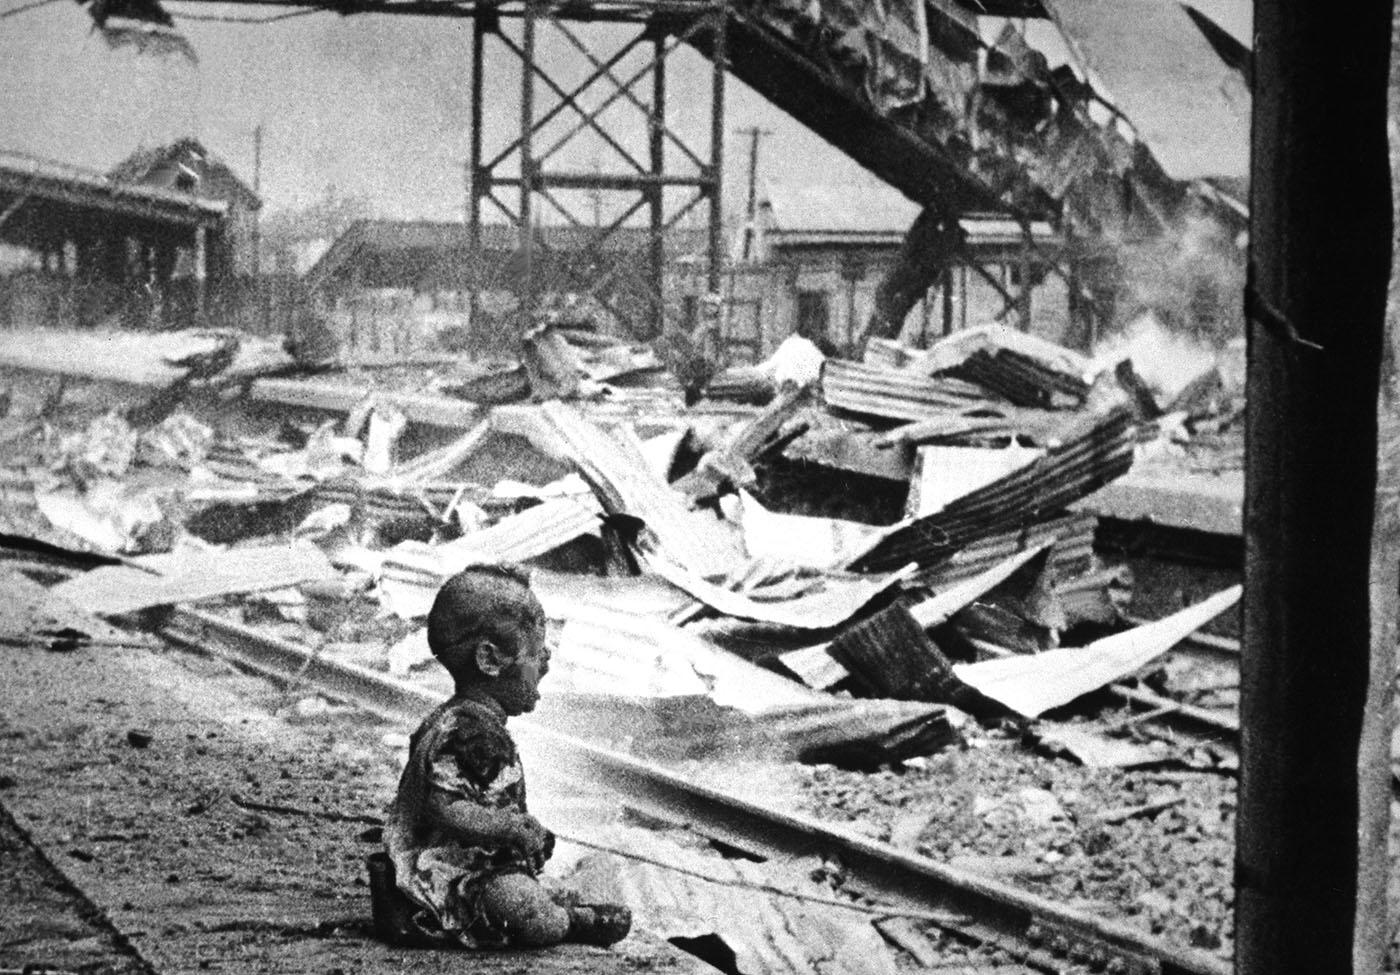 Sábado sangriento & # 8211; un bebé chino llorón en medio de las ruinas bombardeadas de la estación de trenes del sur de Shanghai, 1937